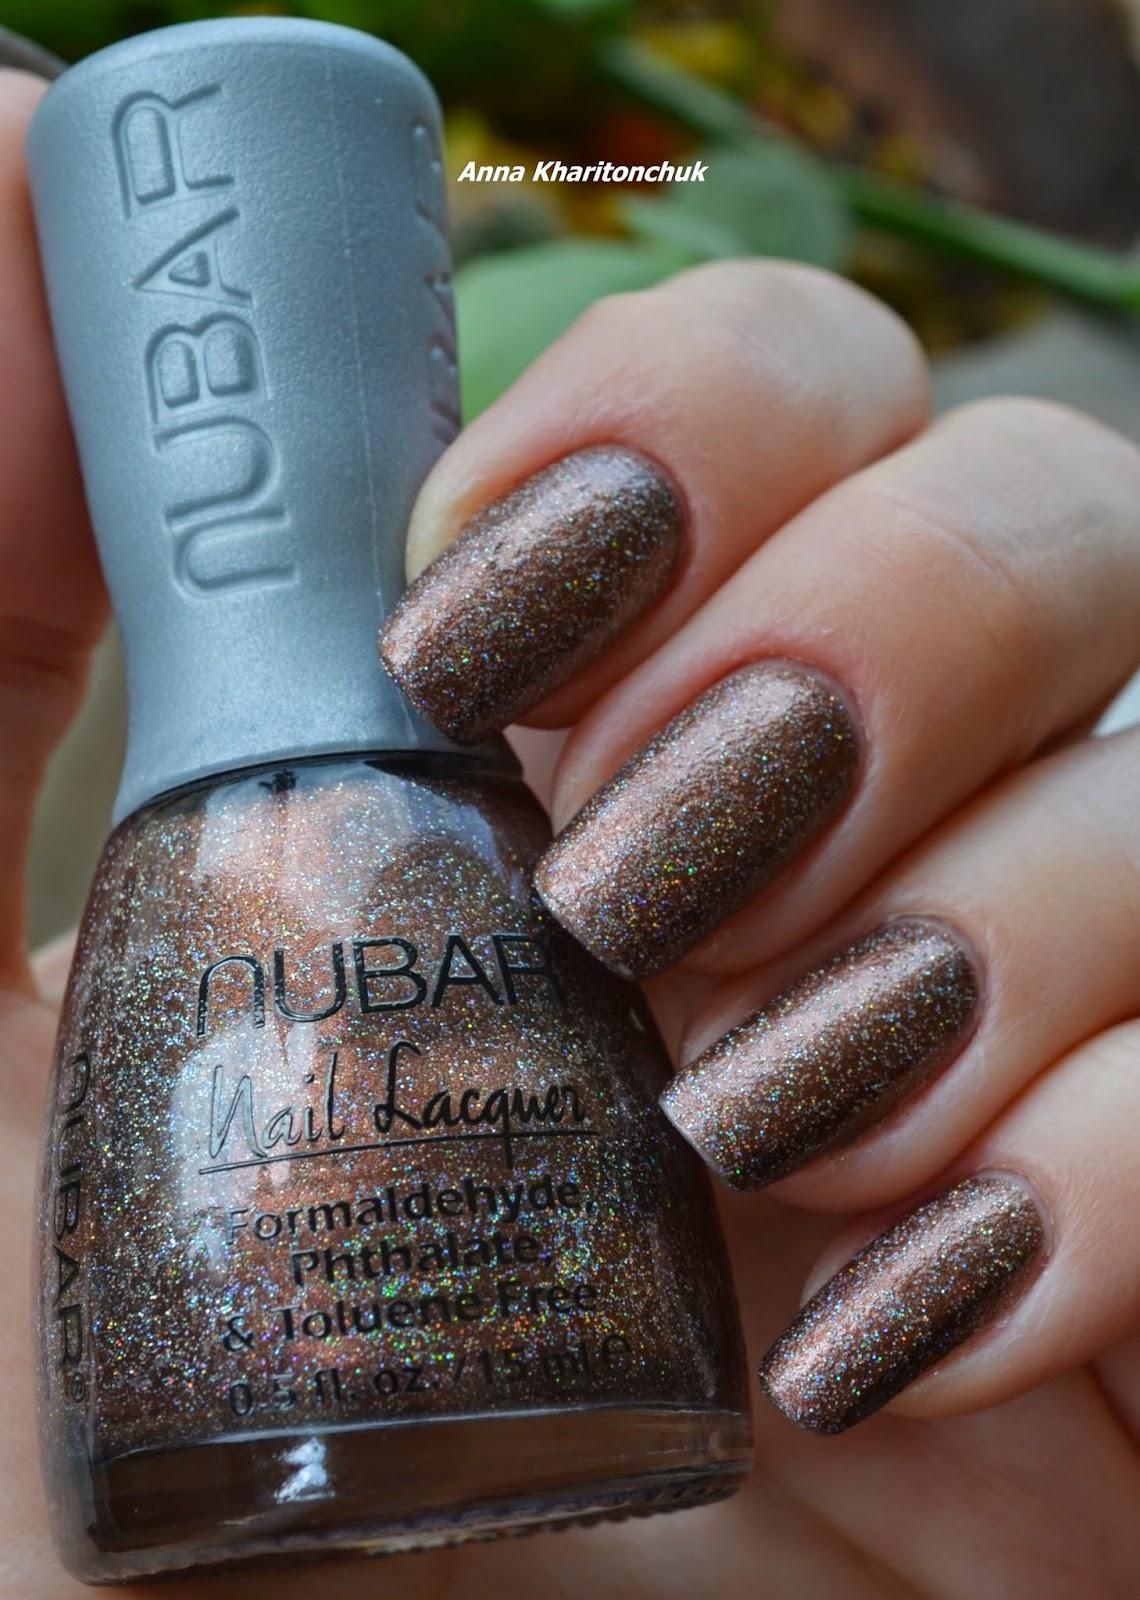 Nubar Jewel